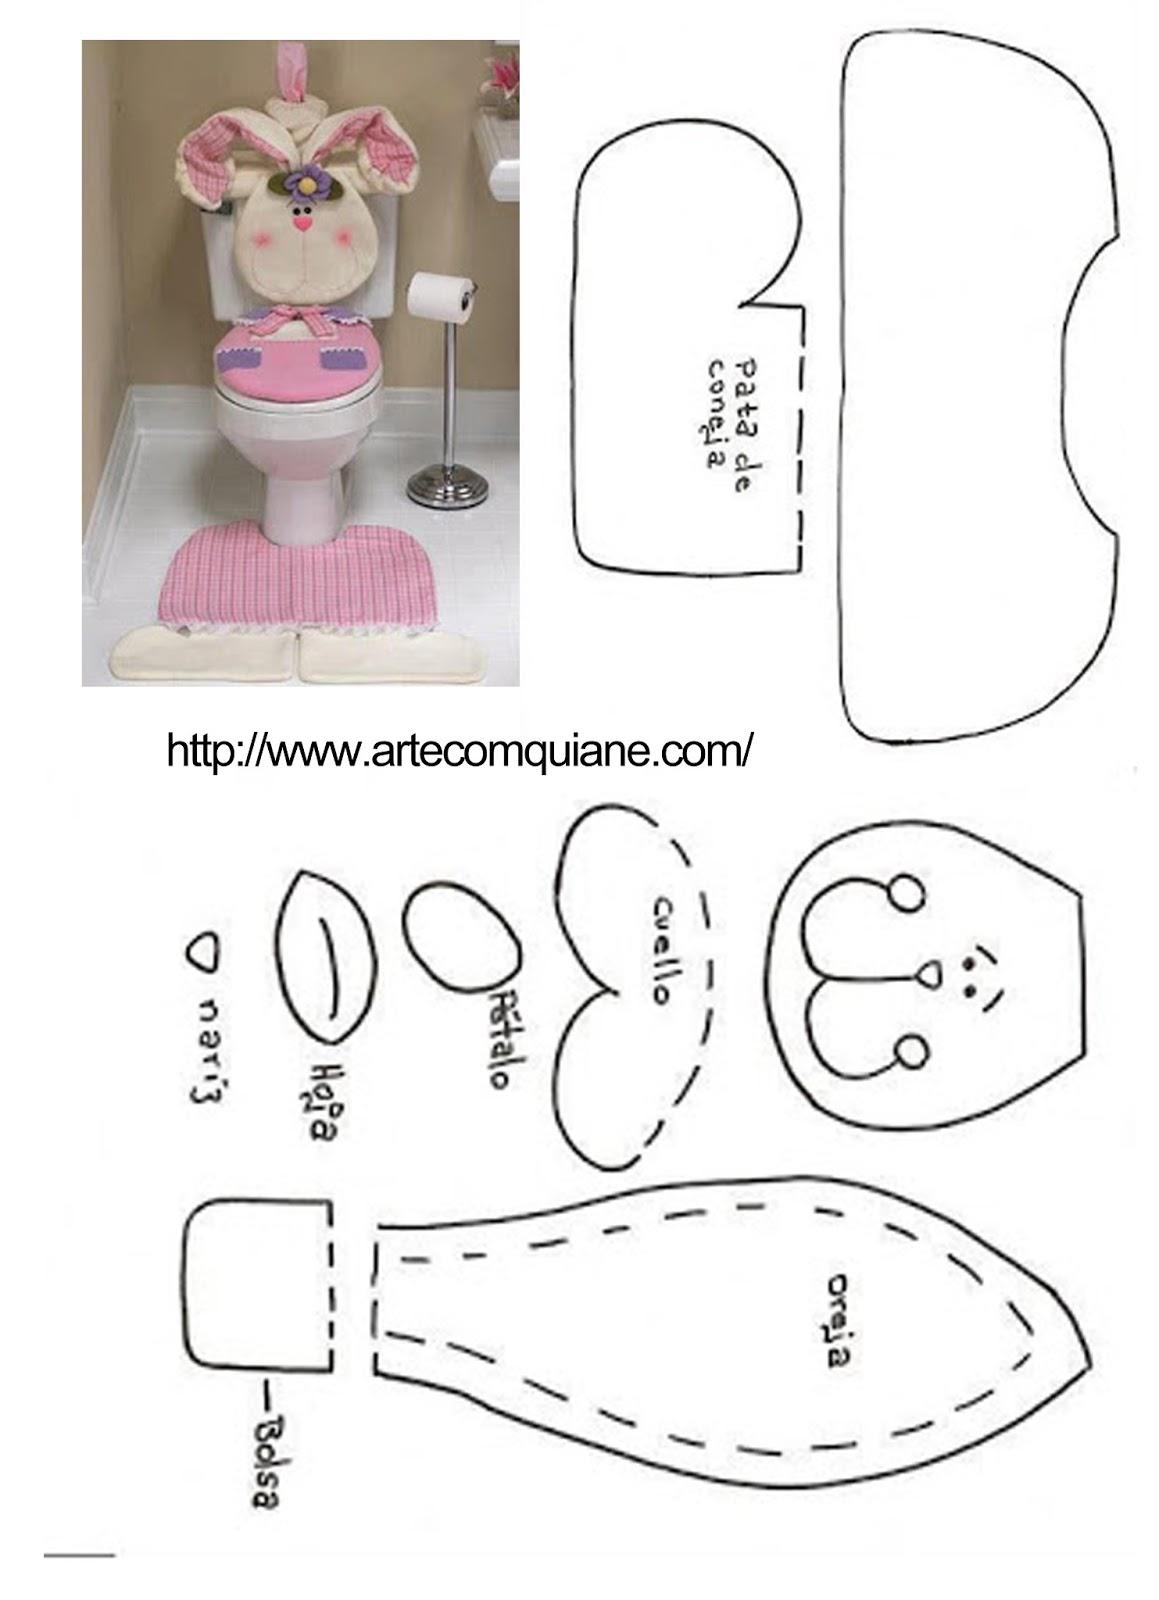 jogo de banheiro em patchwork jogo de banheiro em patchwork Car  #8A415F 1159 1600